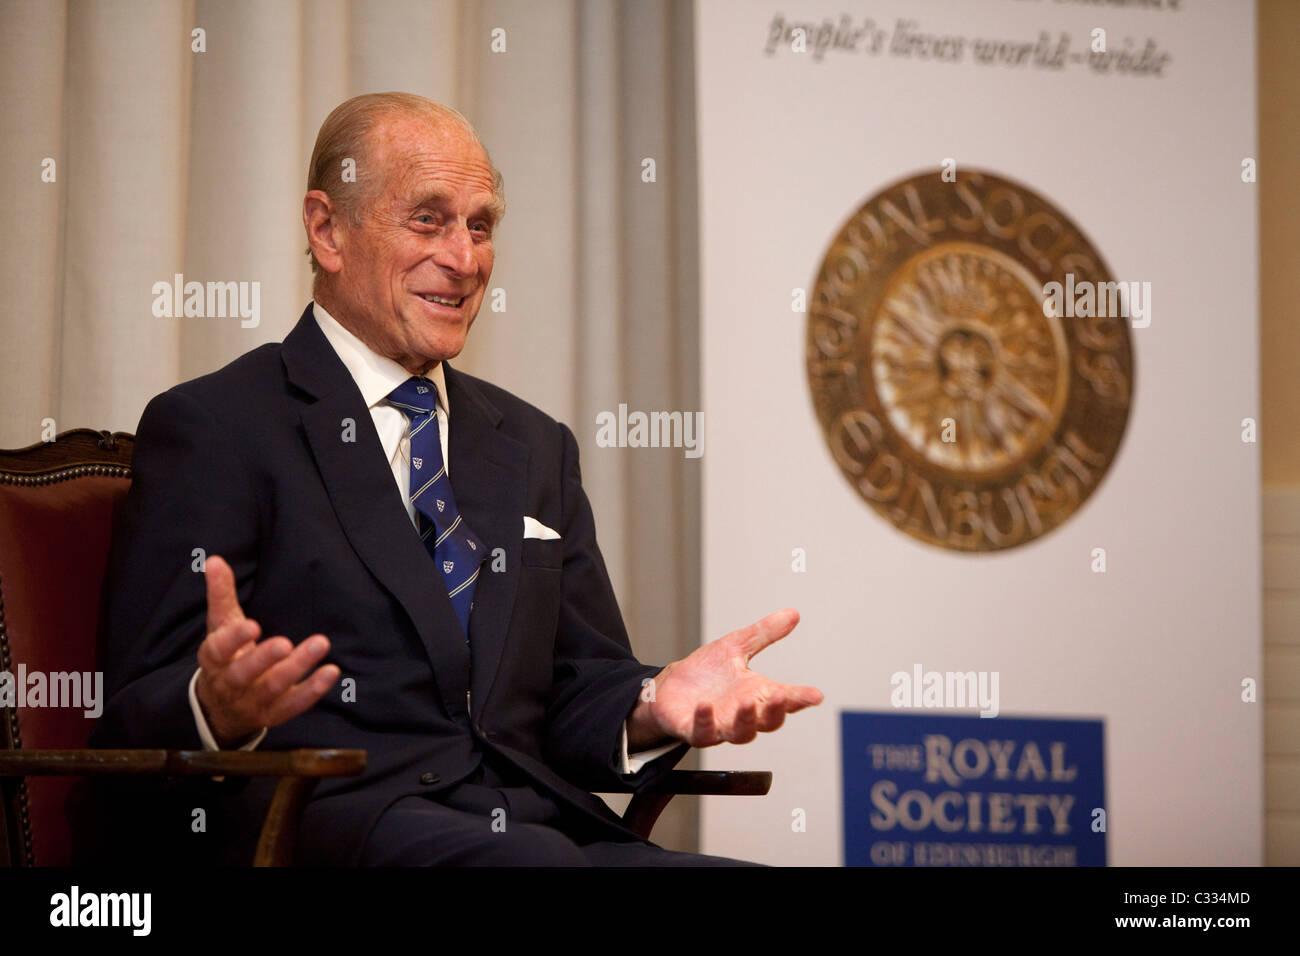 El Duque de Edimburgo en la Royal Society de Edimburgo para presentar Royal medallas Foto de stock